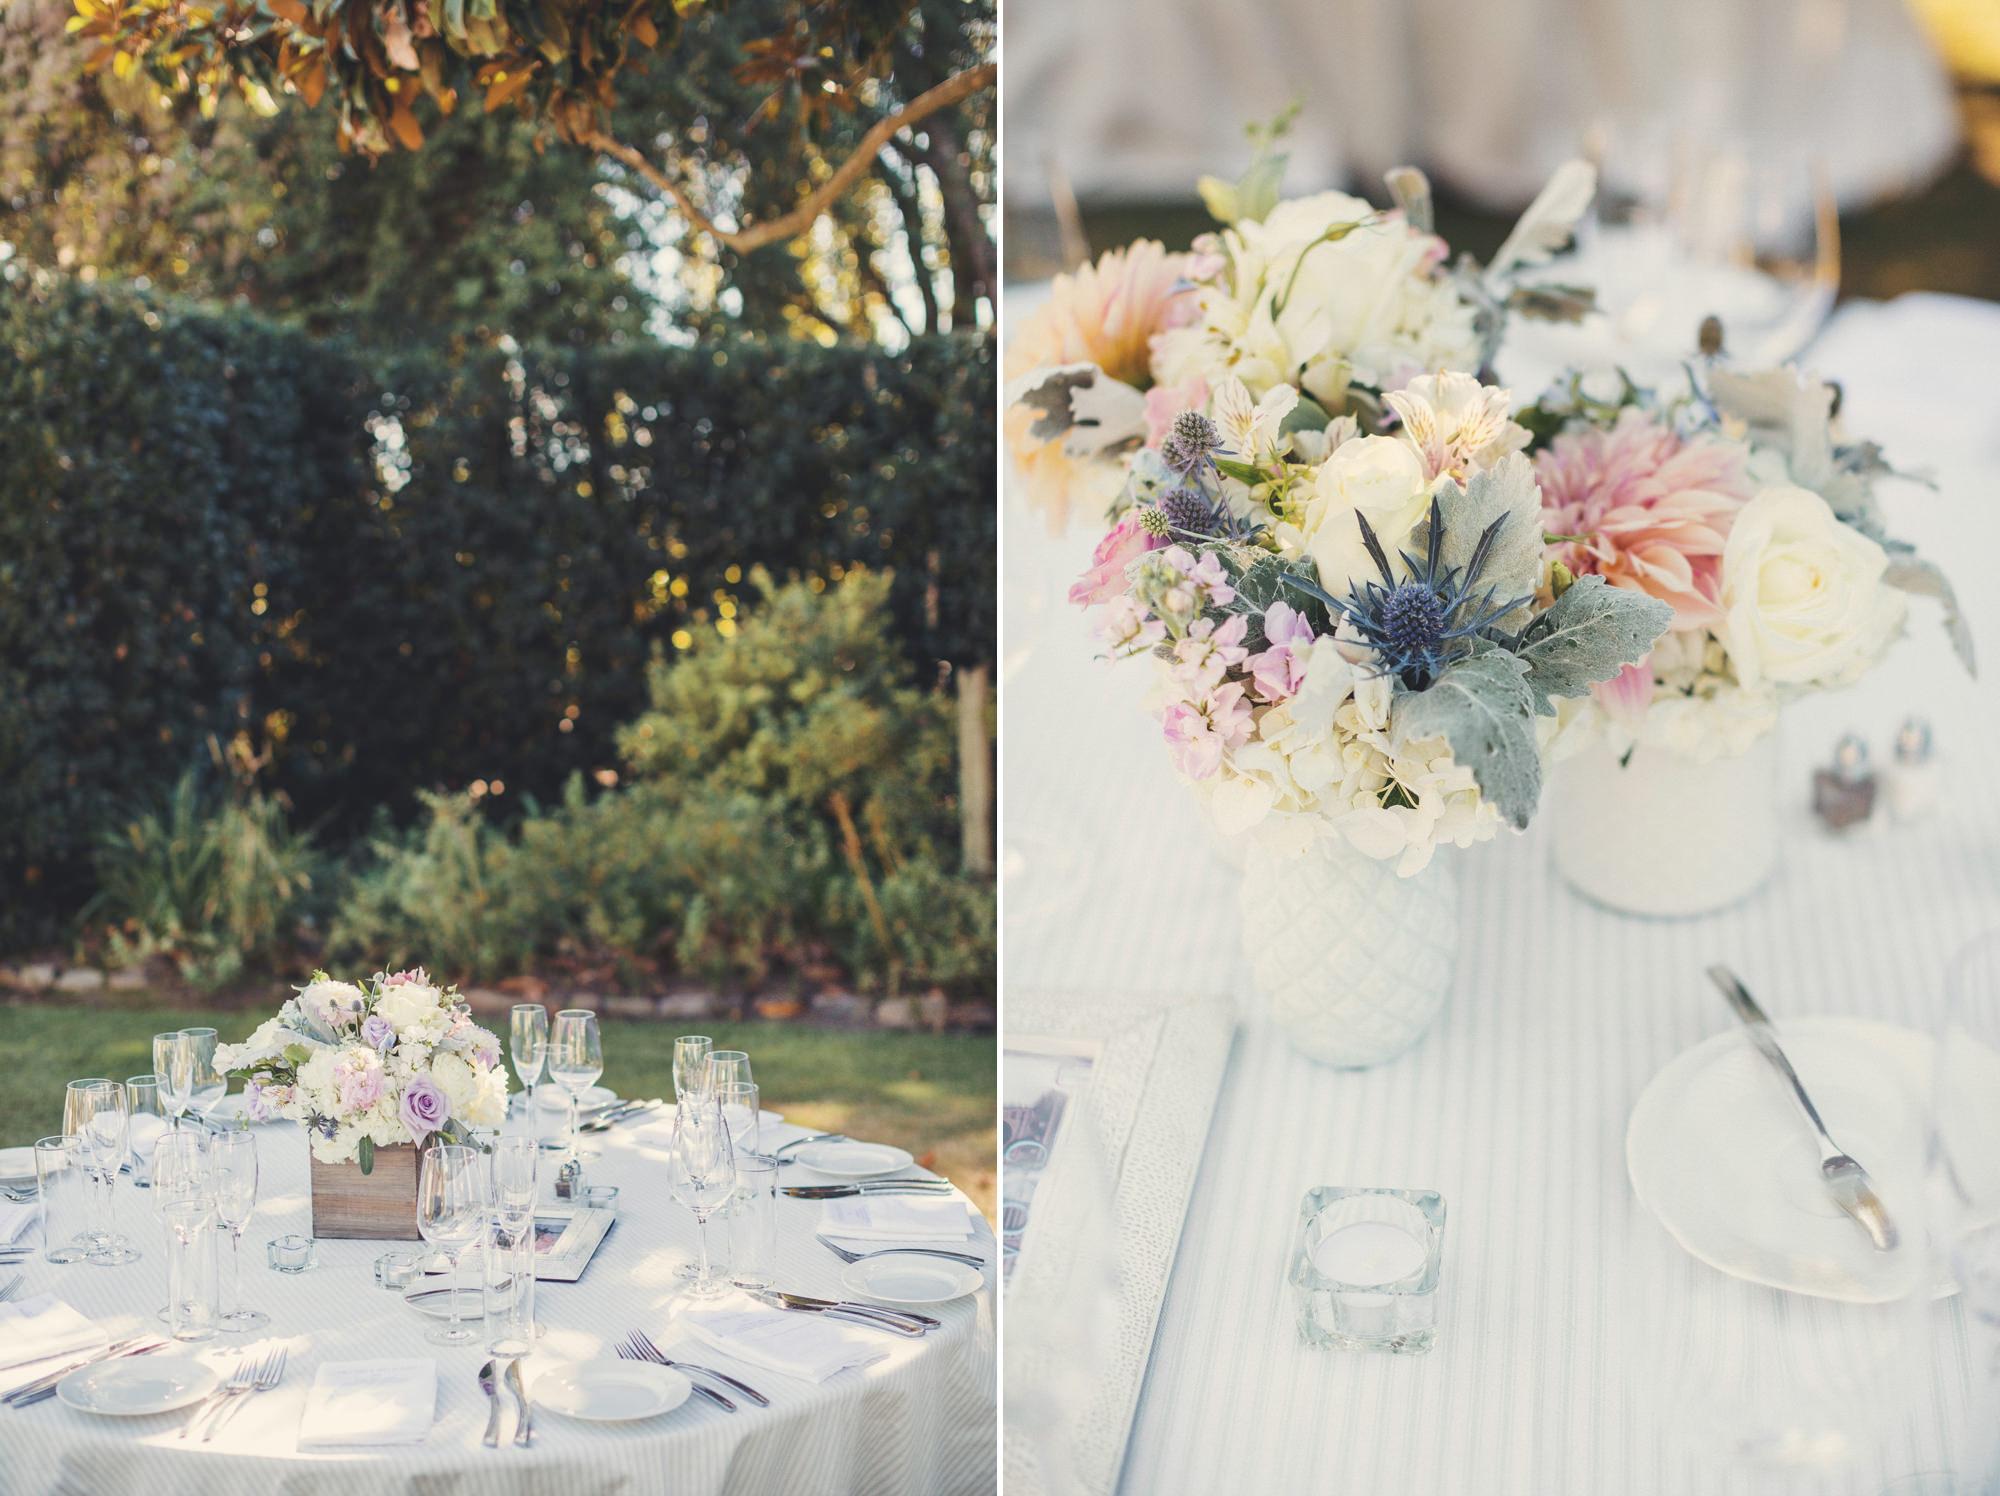 Garden Valley Ranch Wedding@Anne-Claire Brun 73